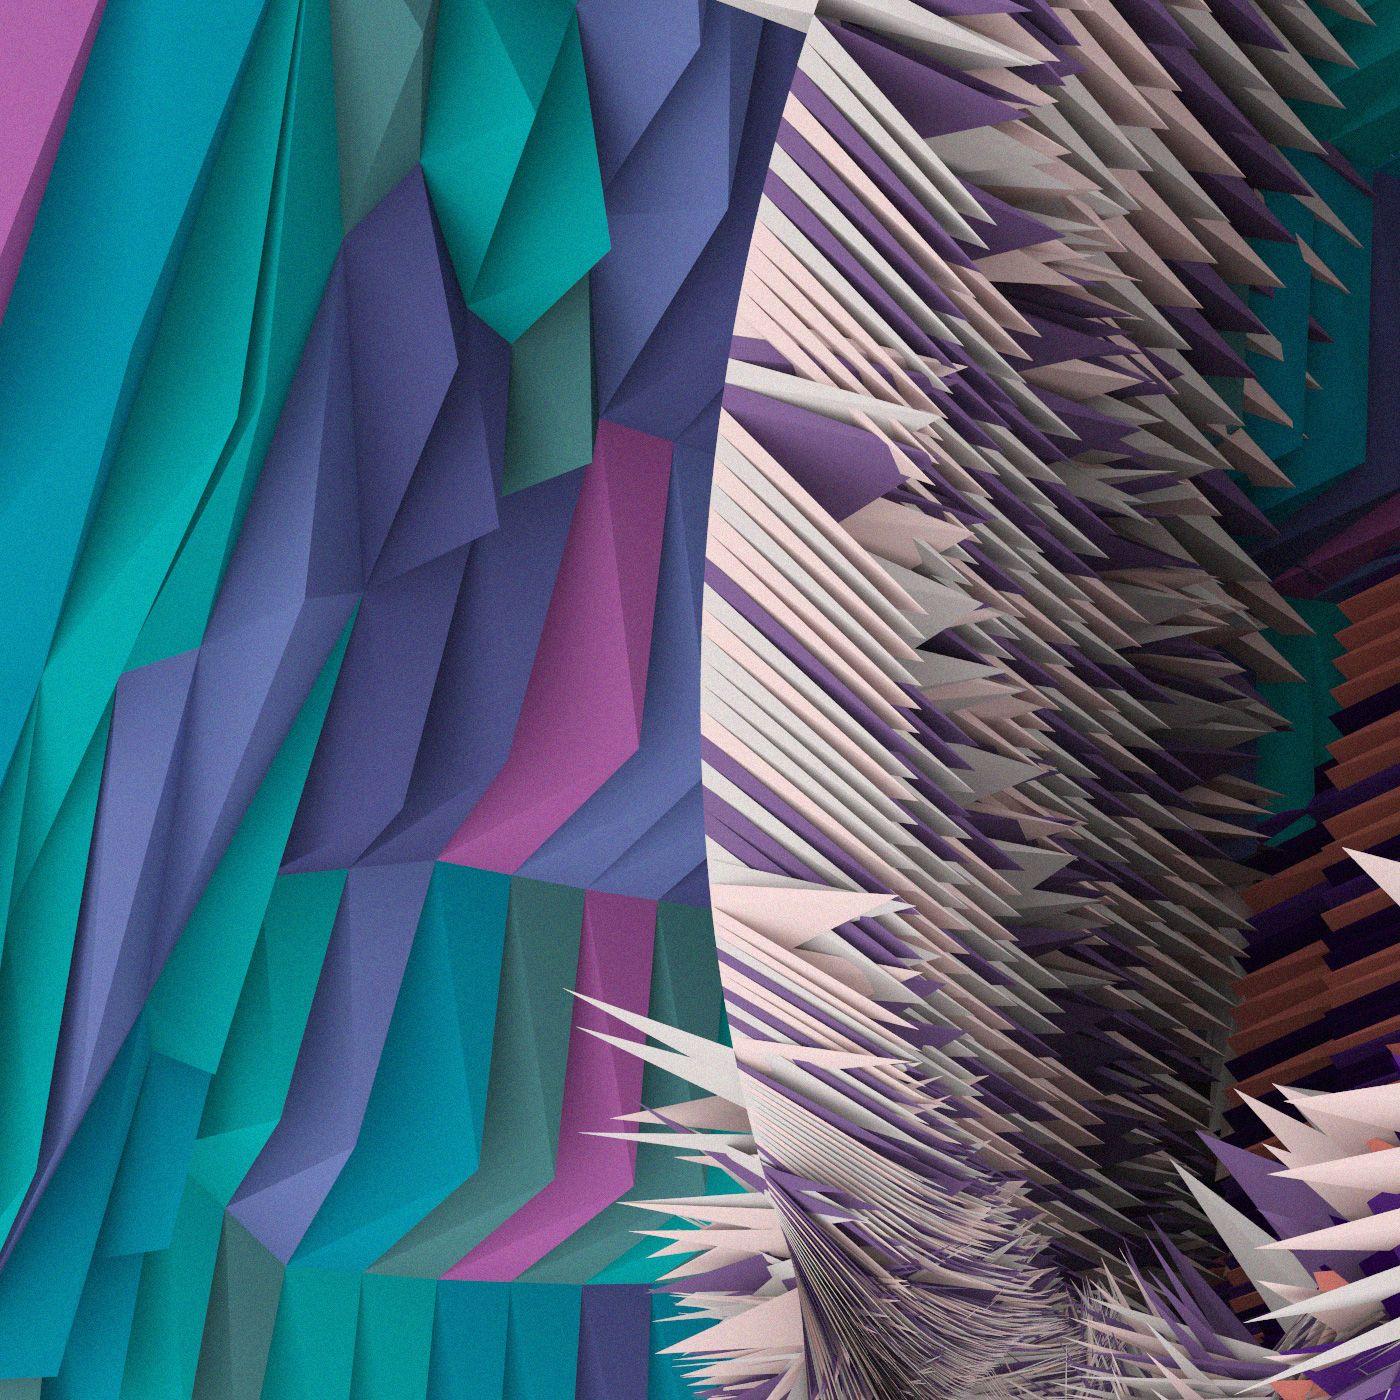 VHVA01 artwork